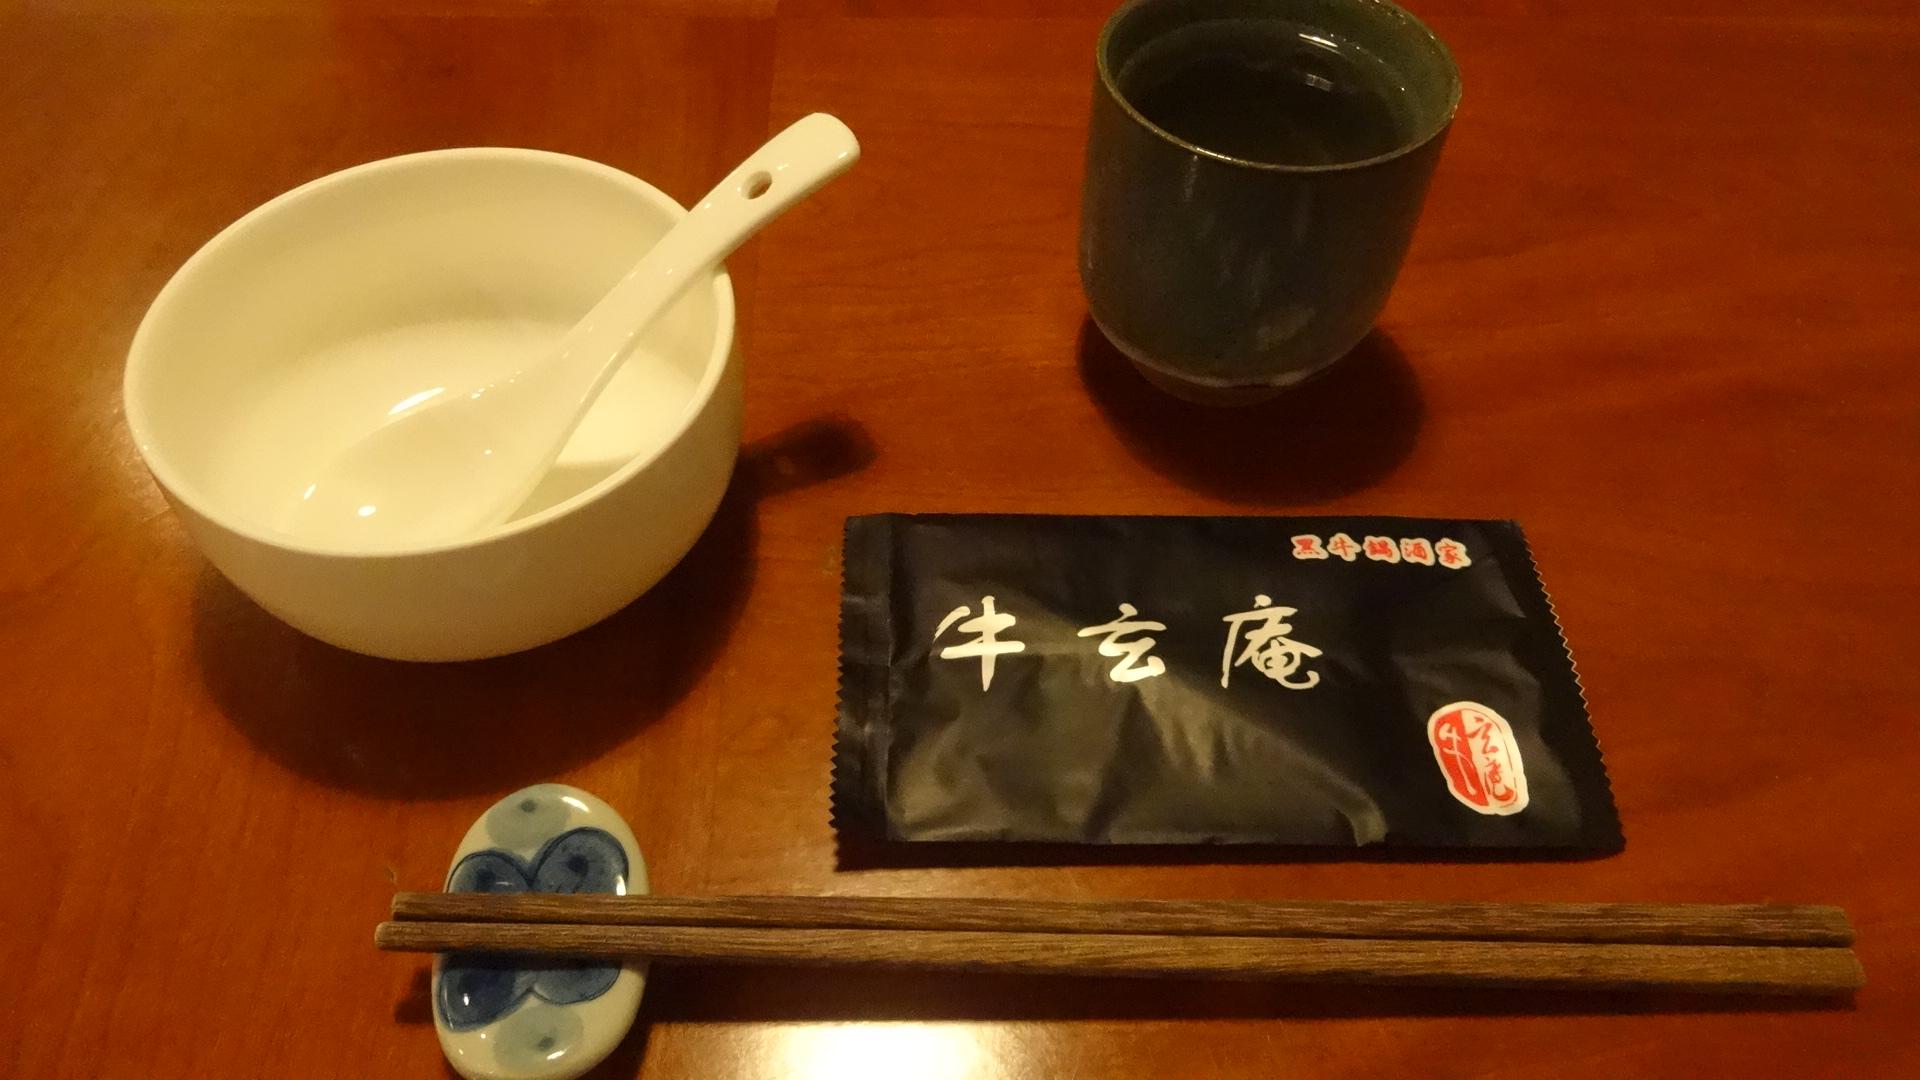 牛玄庵餐具